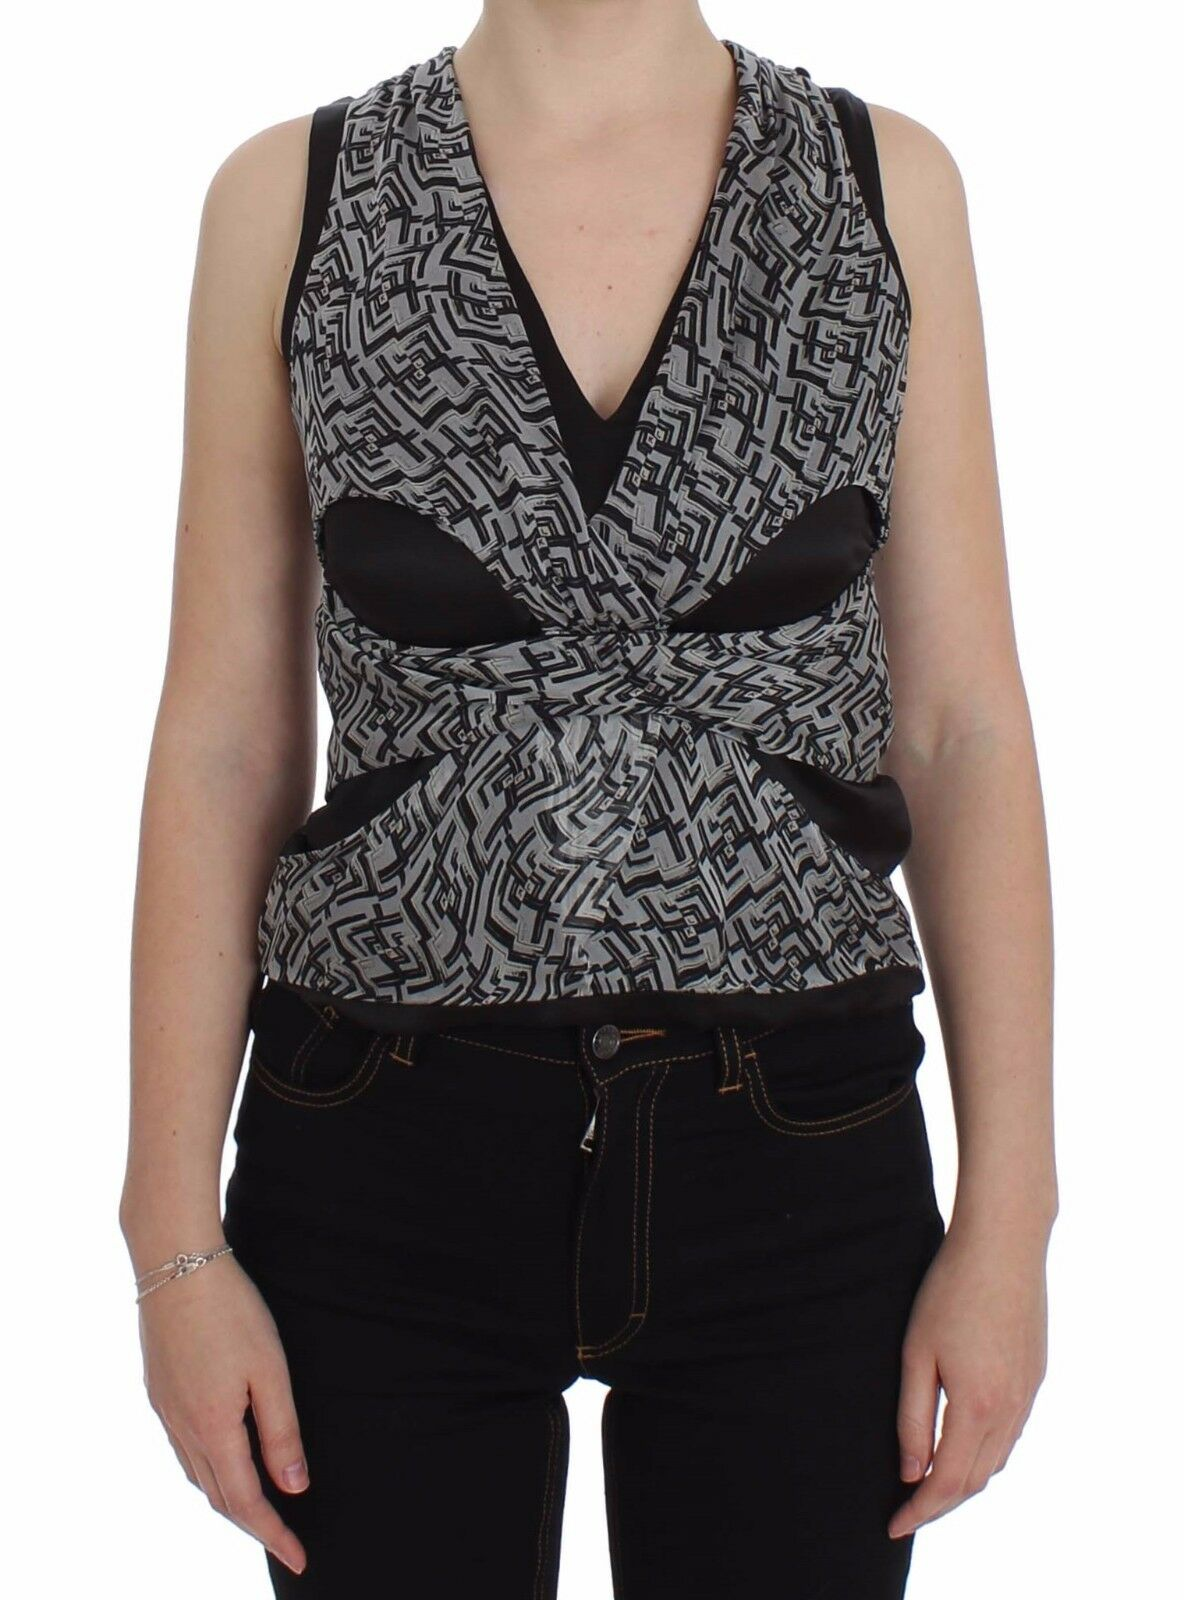 Nuovo Karl Lagerfeld Camicetta schwarz grau Top di Seta Spalla IT40 US6 S